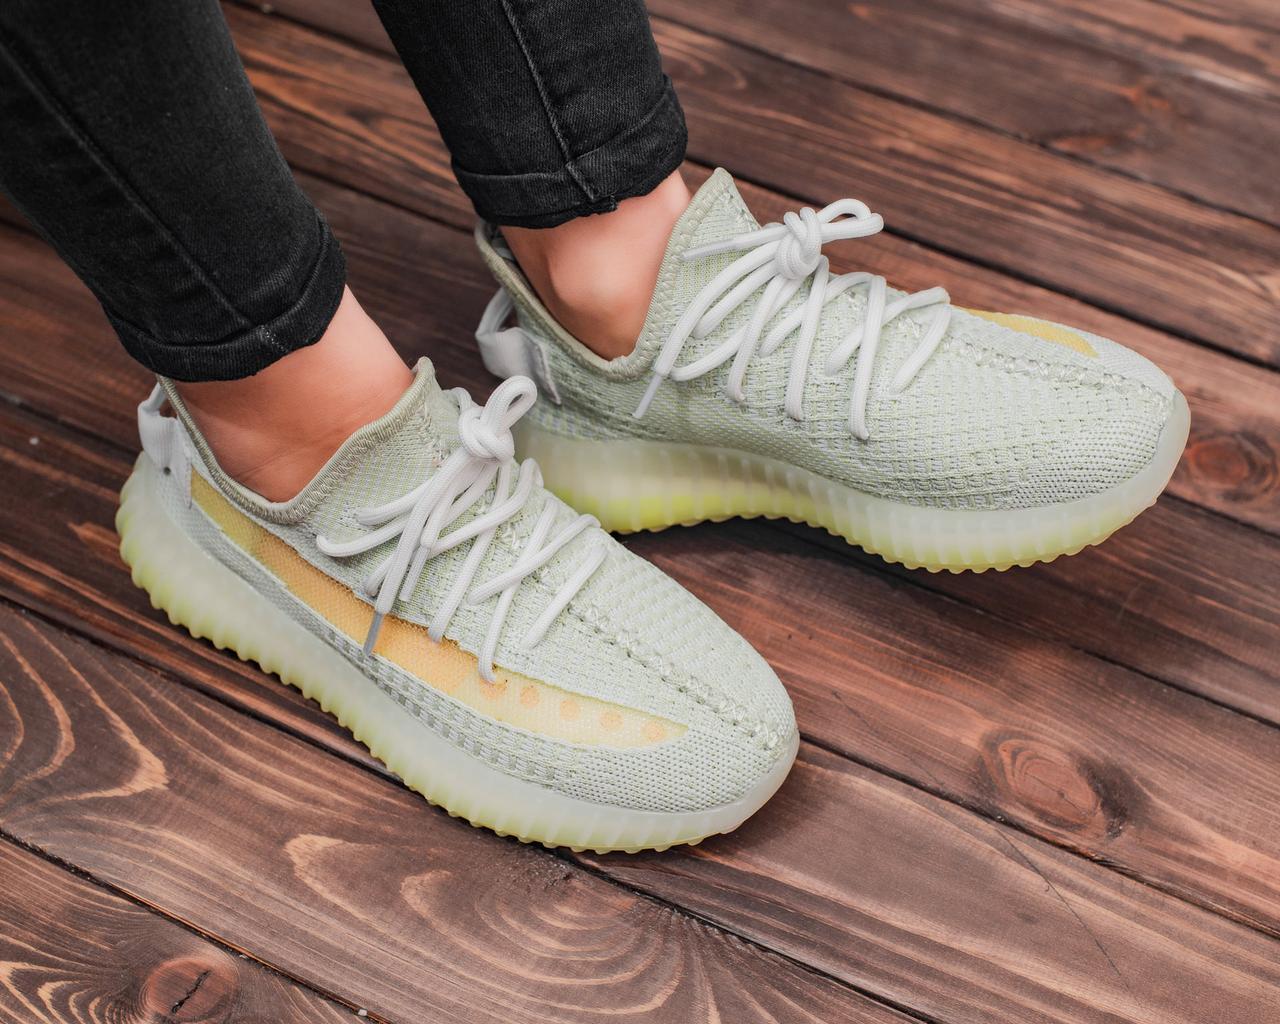 Женские кроссовки Adidas Yeezy Boost 350 V2, женские кроссовки адидас изи буст 350 в2, кросівки Adidas Yeezy